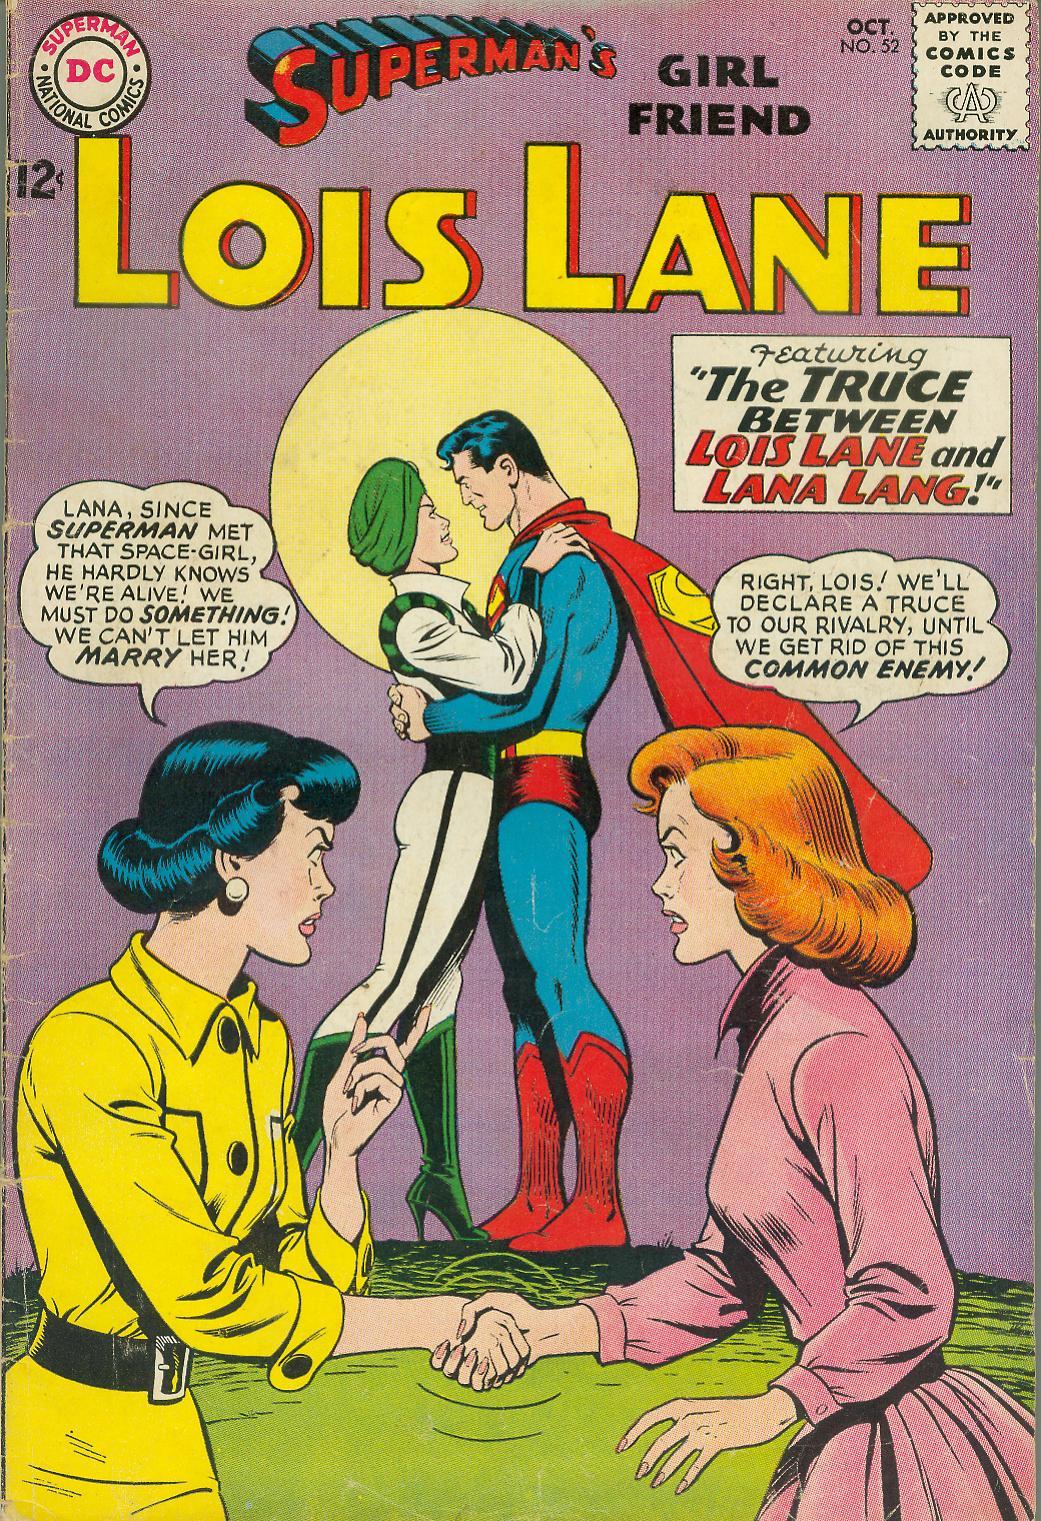 Supermans Girl Friend, Lois Lane 52 Page 1